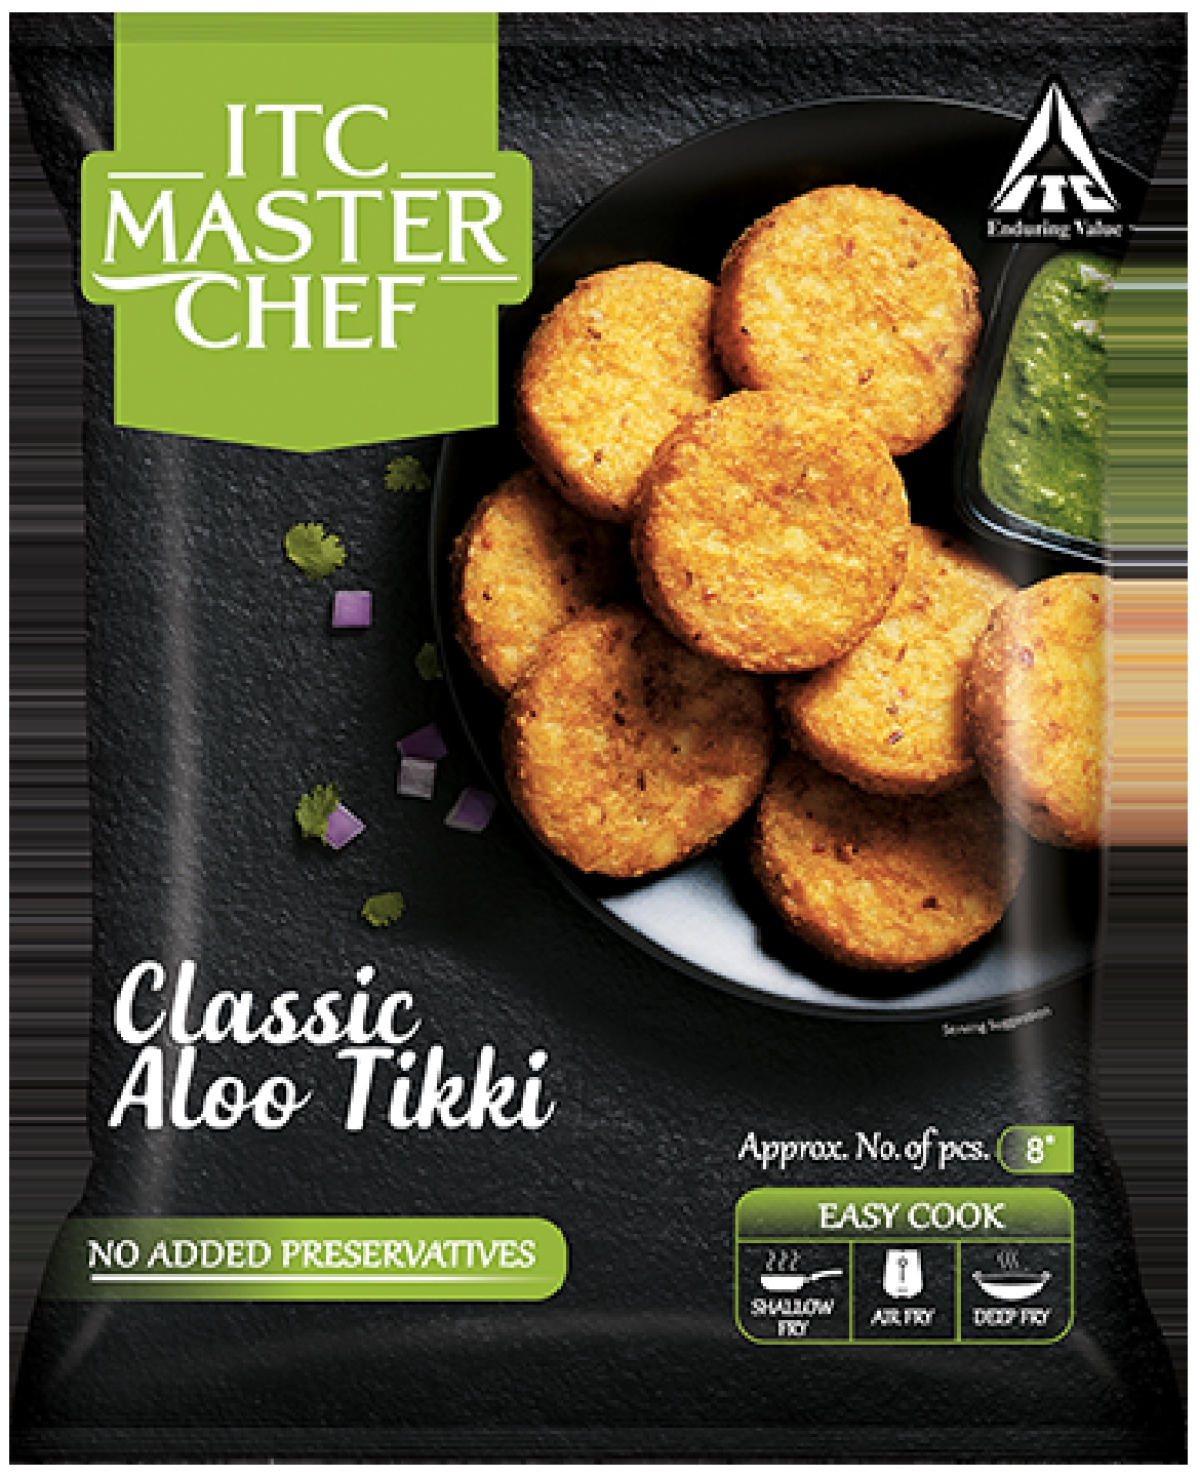 ITC Masterchef ready to cook tikki